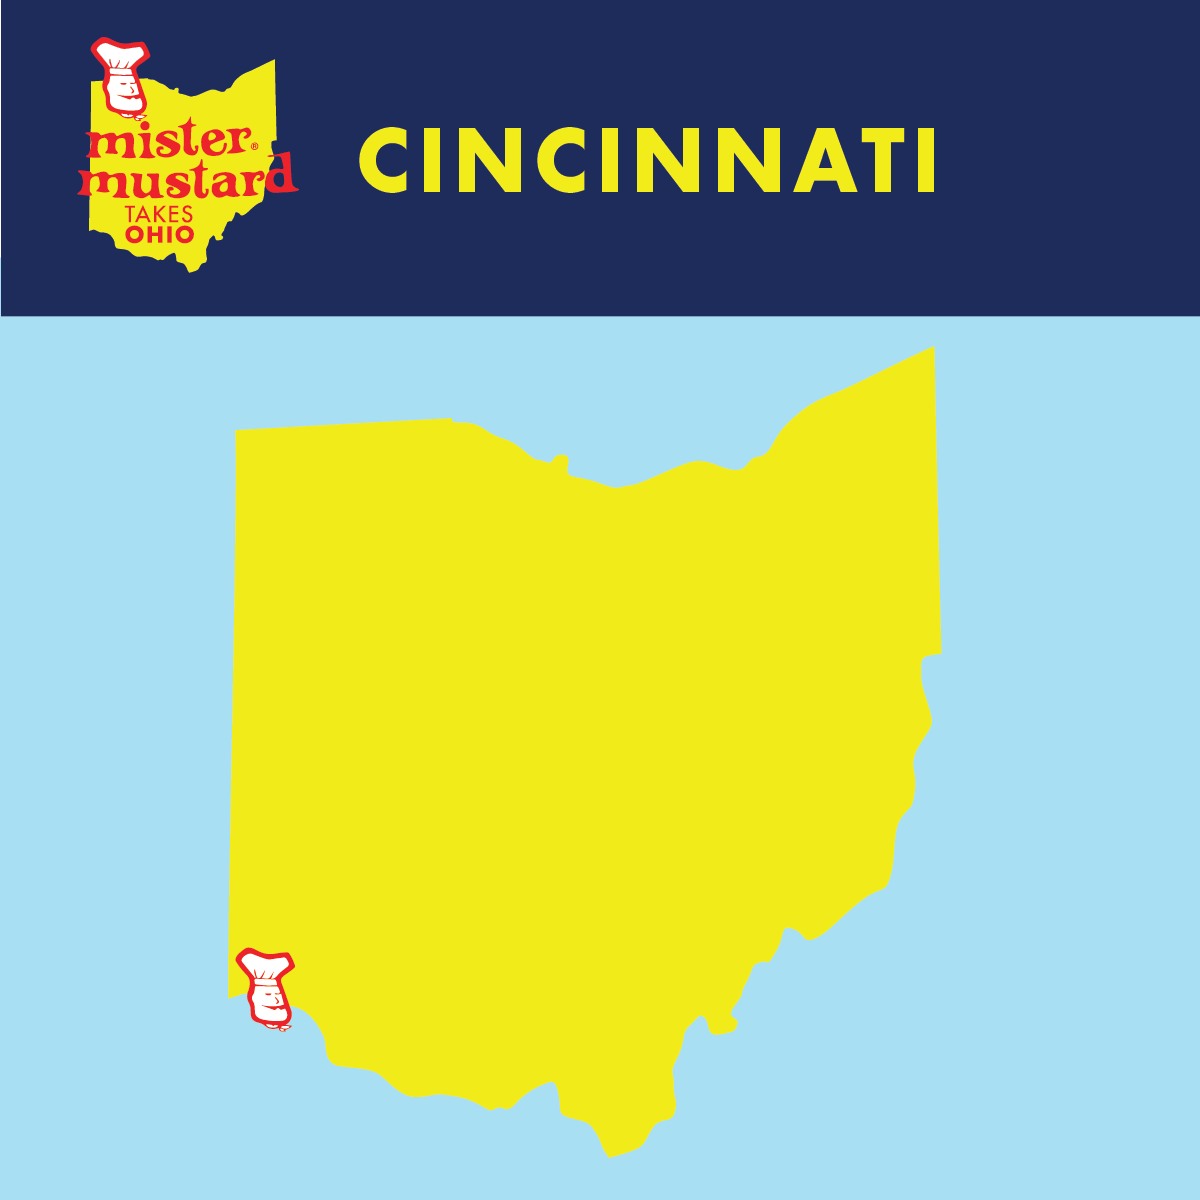 Mister Mustard Takes Ohio: Cincinnati